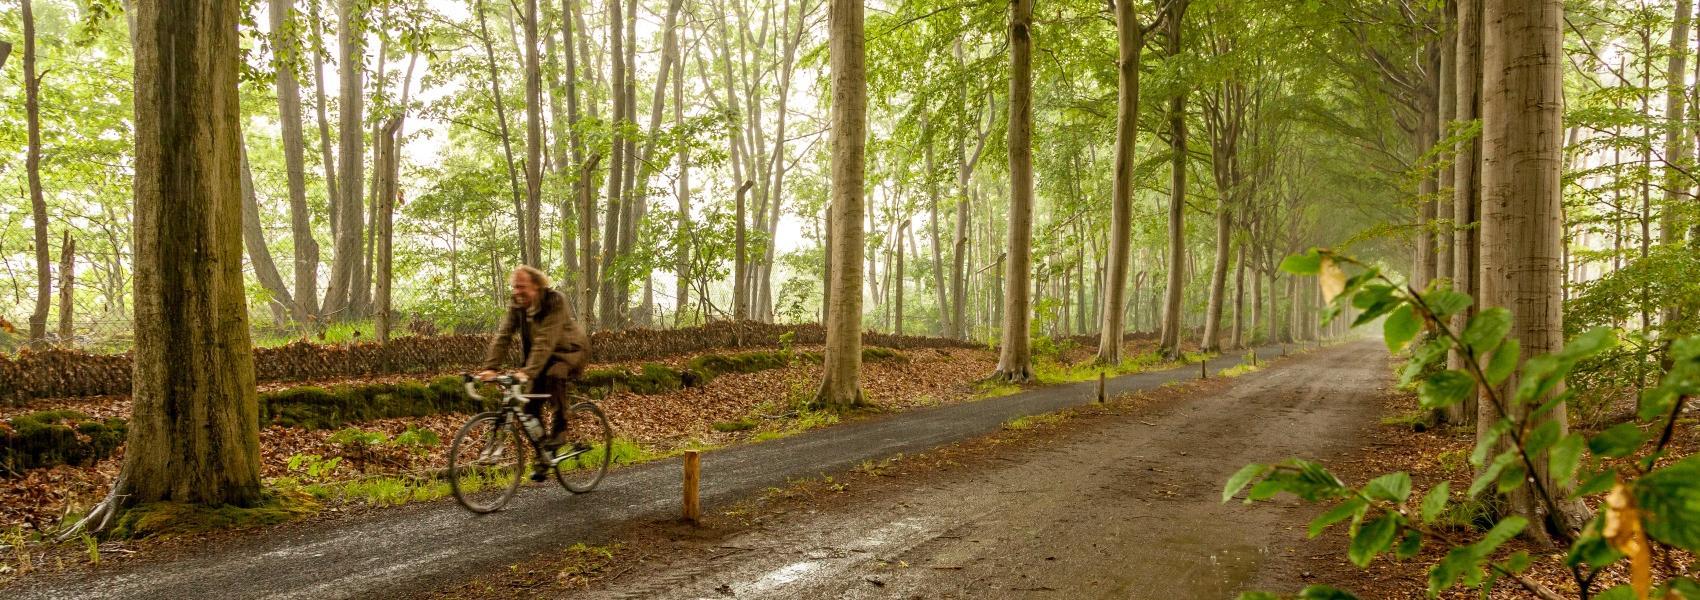 fietser in bos